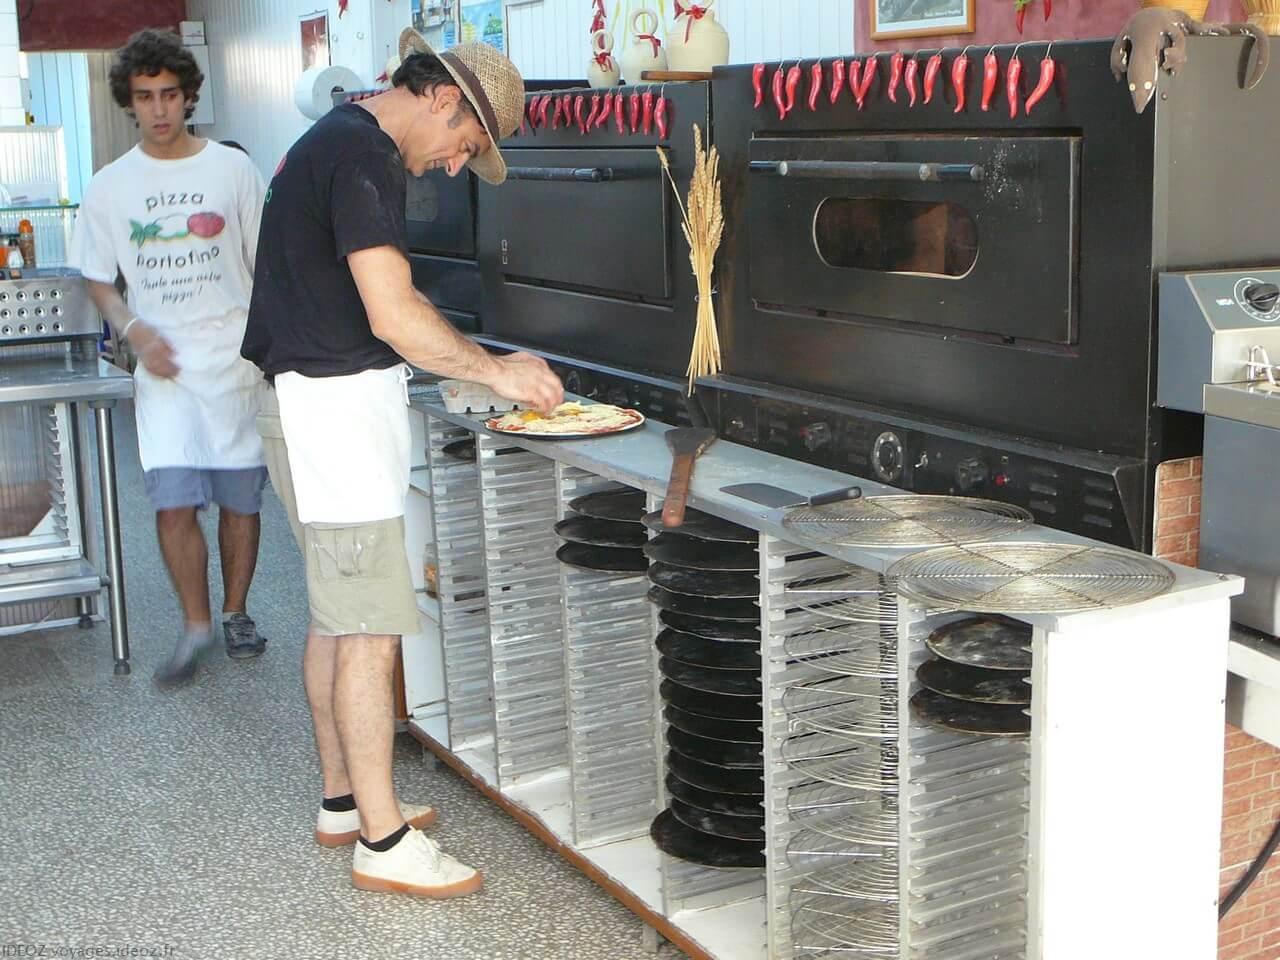 Préparation d'une pizza portofino